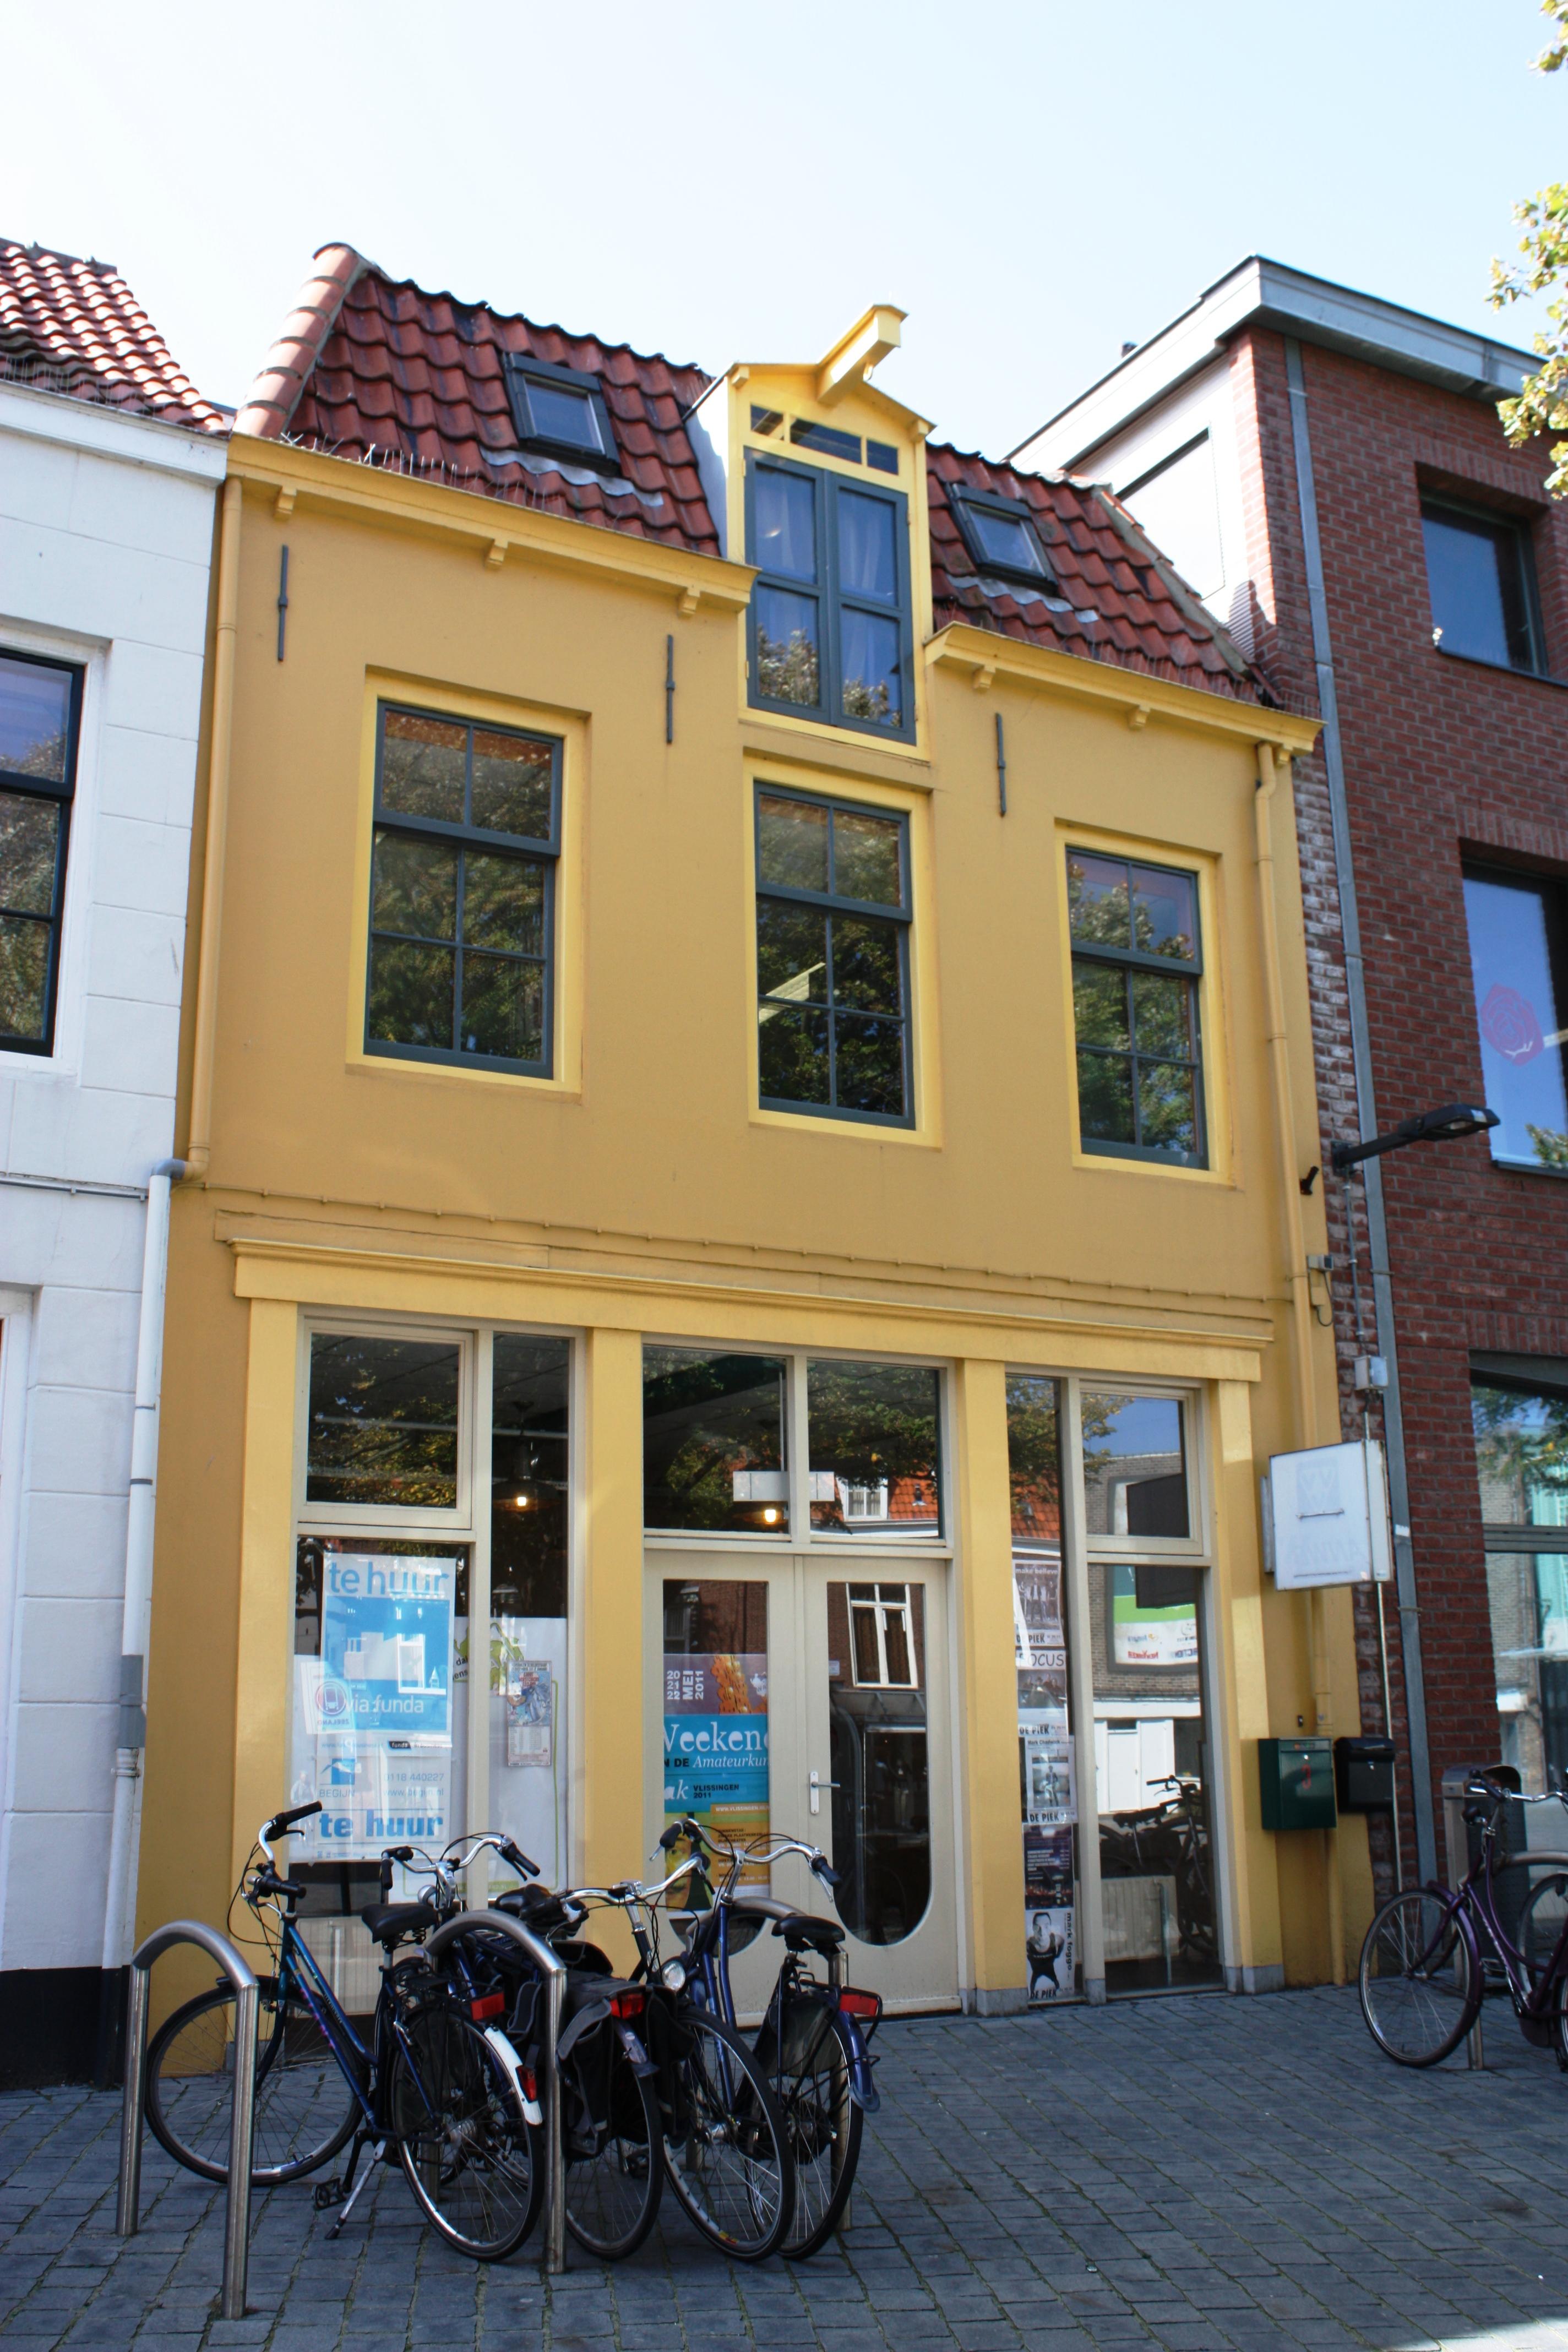 Huis met gepleisterde rechte gevel dakluik met hijsbalk kelderlichten in vlissingen monument - Oude huis gevel ...